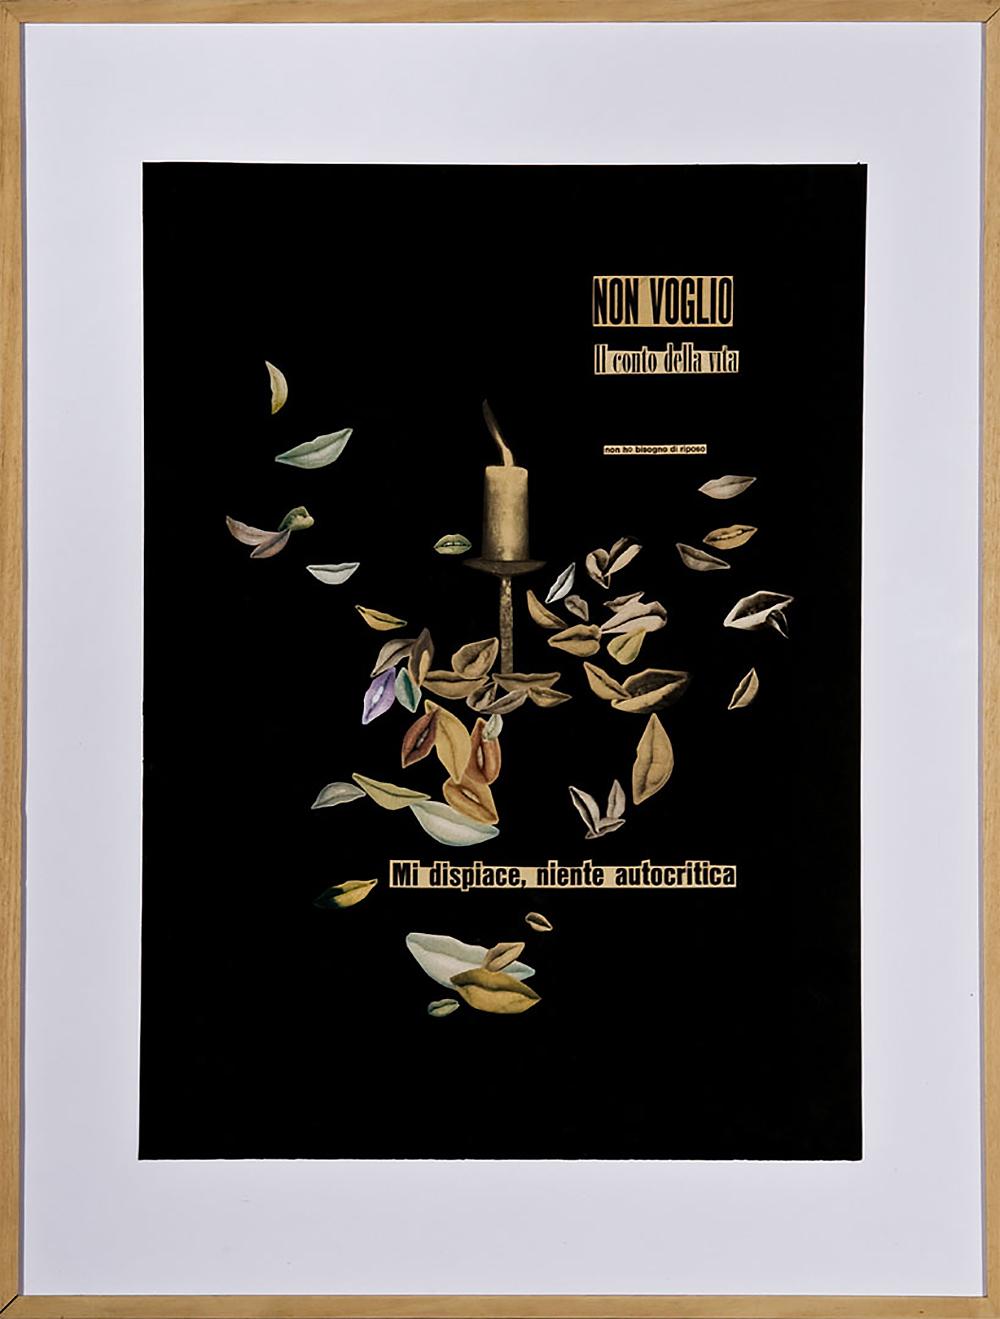 Non voglio il conto della vita | 1963 | Collage | 70 x 50 cm